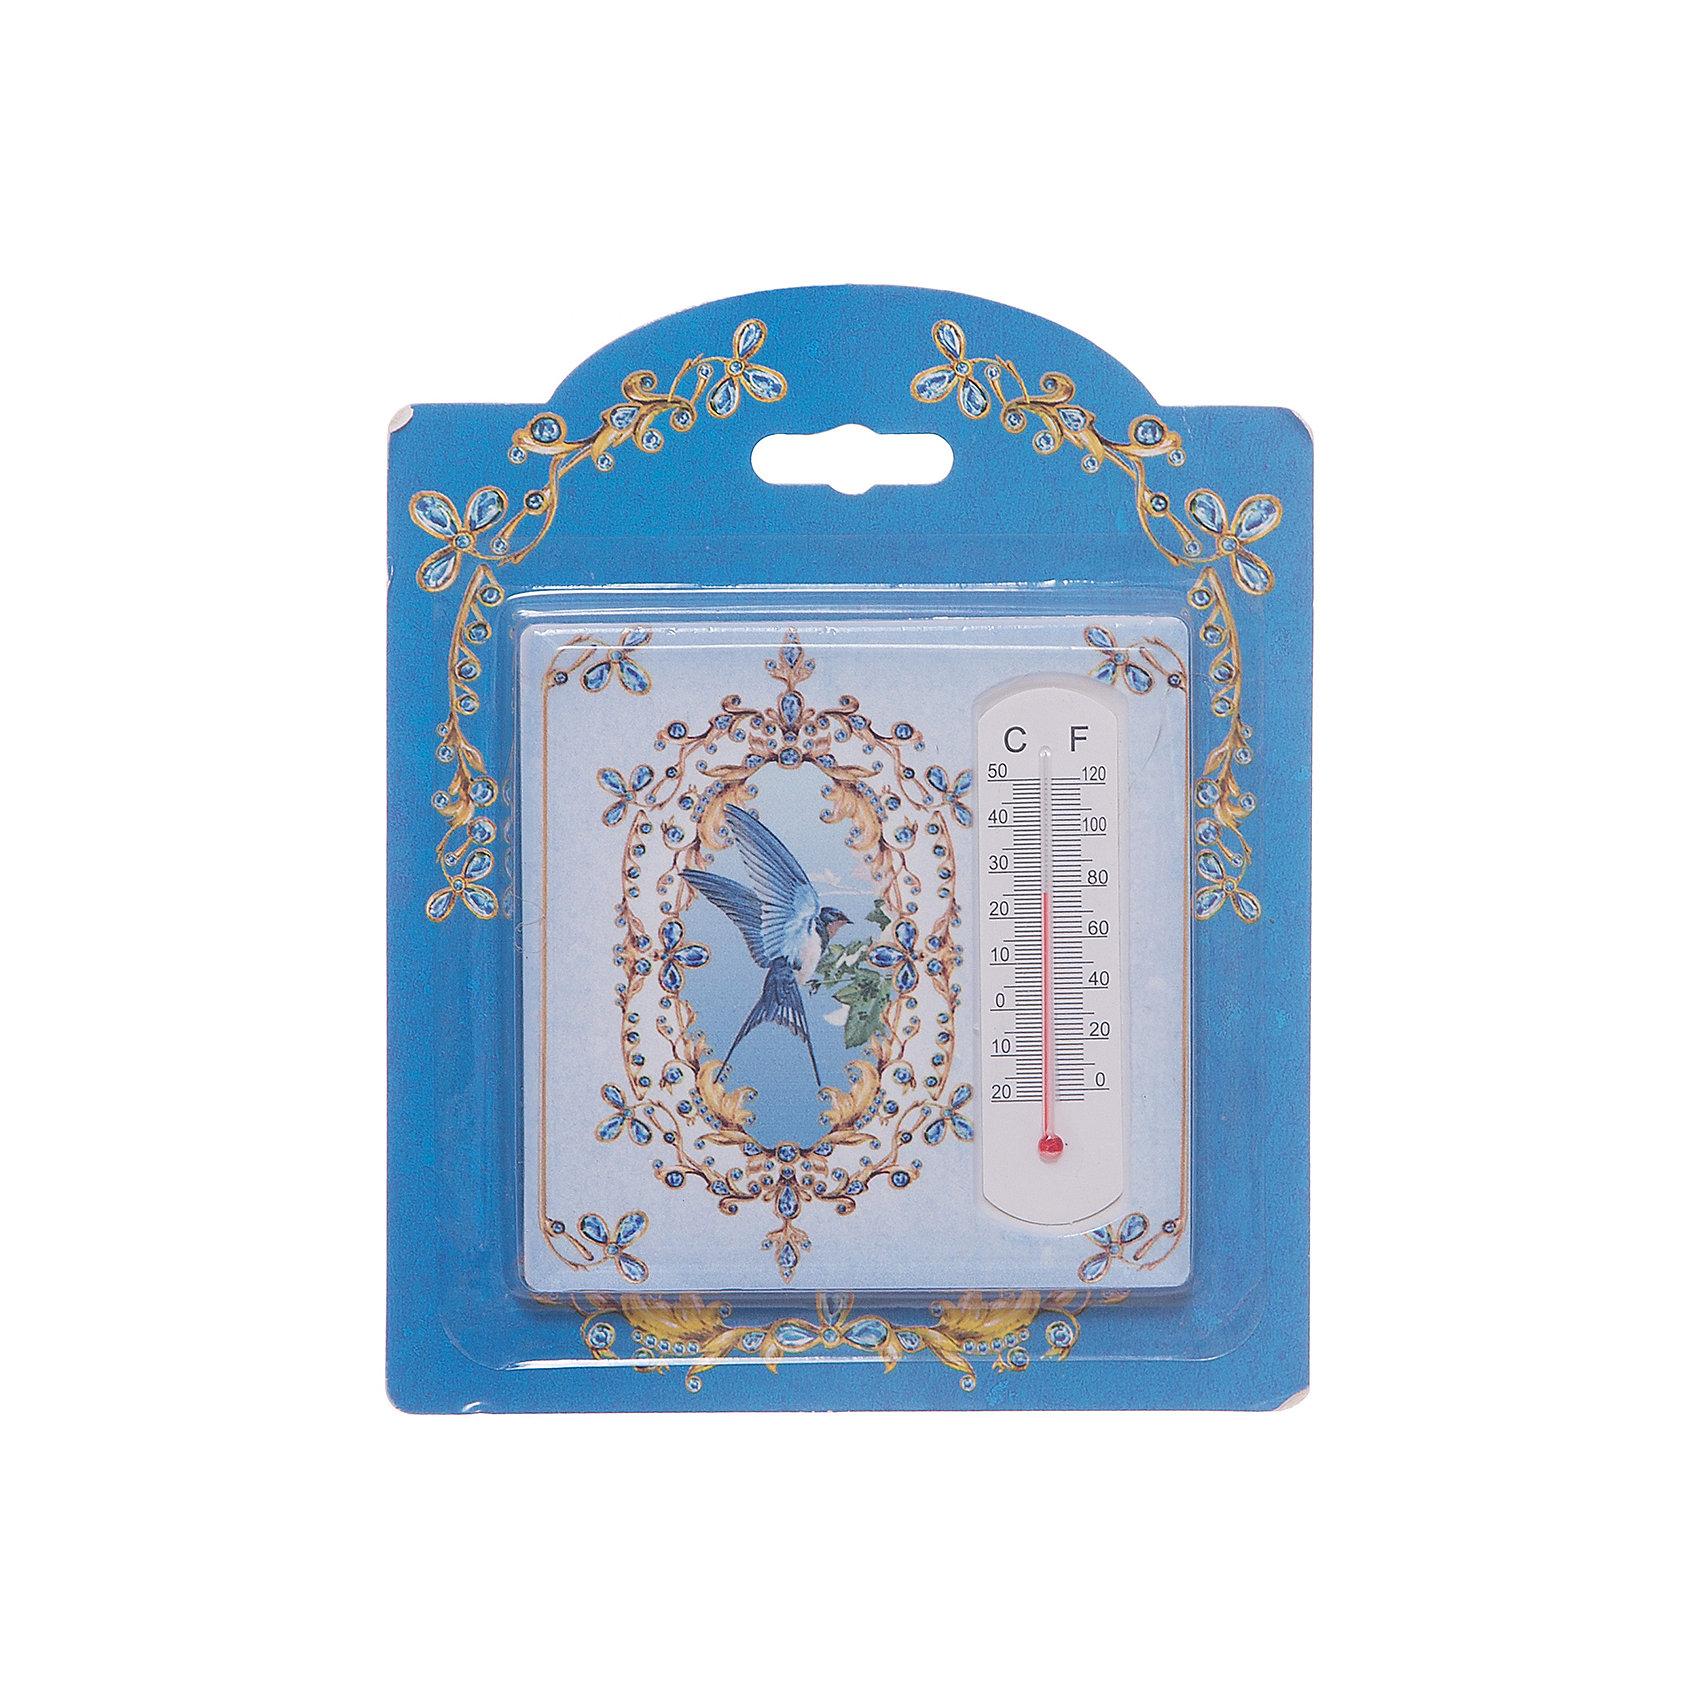 Термометр декоративный, в корпусе из доломитовой керамики, Феникс-ПрезентТермометры<br>Термометр декоративный, жидкостный, бытовой в корпусе из доломитовой керамики, Феникс-Презент<br><br>Характеристики:<br><br>• красивое оформление<br>• есть отверстие для подвешивания<br>• размер: 10х10 см<br>• материал корпуса: доломитовая керамика<br><br>Декоративный термометр не только подскажет вам температуру в доме, но и украсит интерьер комнаты. Корпус выполнен из доломитовой керамики. Наружная часть термометра оформлена красивым узором и изображением птички. Есть специальное отверстие для подвешивания. Размер термометра - 10х10 сантиметров.<br><br>Термометр декоративный, жидкостный, бытовой в корпусе из доломитовой керамики, Феникс-Презент можно купить в нашем интернет-магазине.<br><br>Ширина мм: 100<br>Глубина мм: 100<br>Высота мм: 10<br>Вес г: 128<br>Возраст от месяцев: 168<br>Возраст до месяцев: 2147483647<br>Пол: Унисекс<br>Возраст: Детский<br>SKU: 5449743